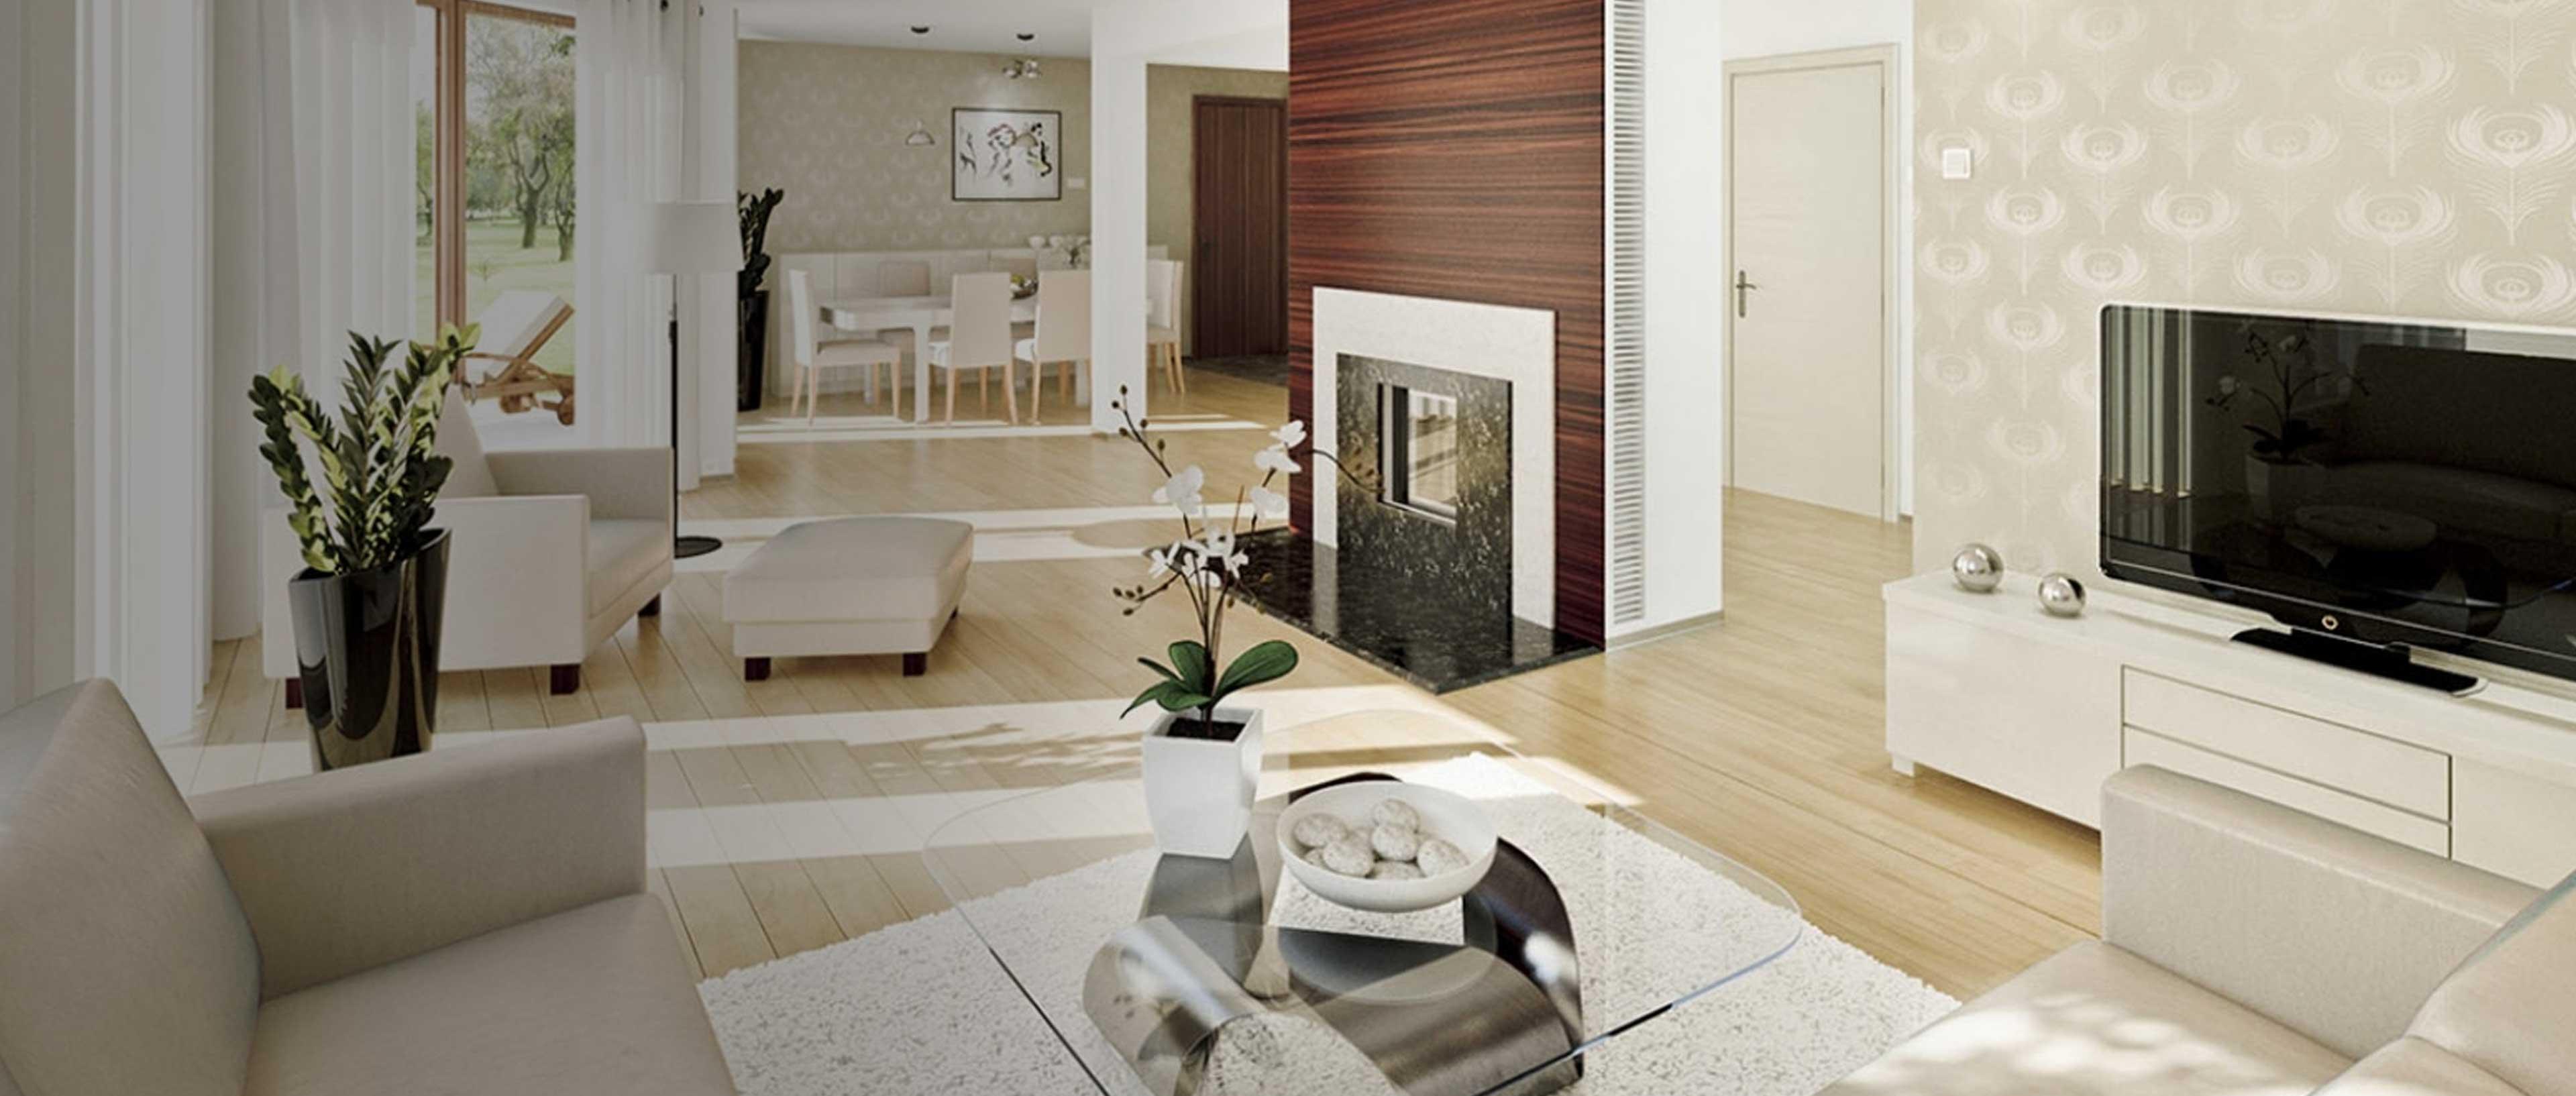 best-home-residential-cleaning-harrisonburg-va-2